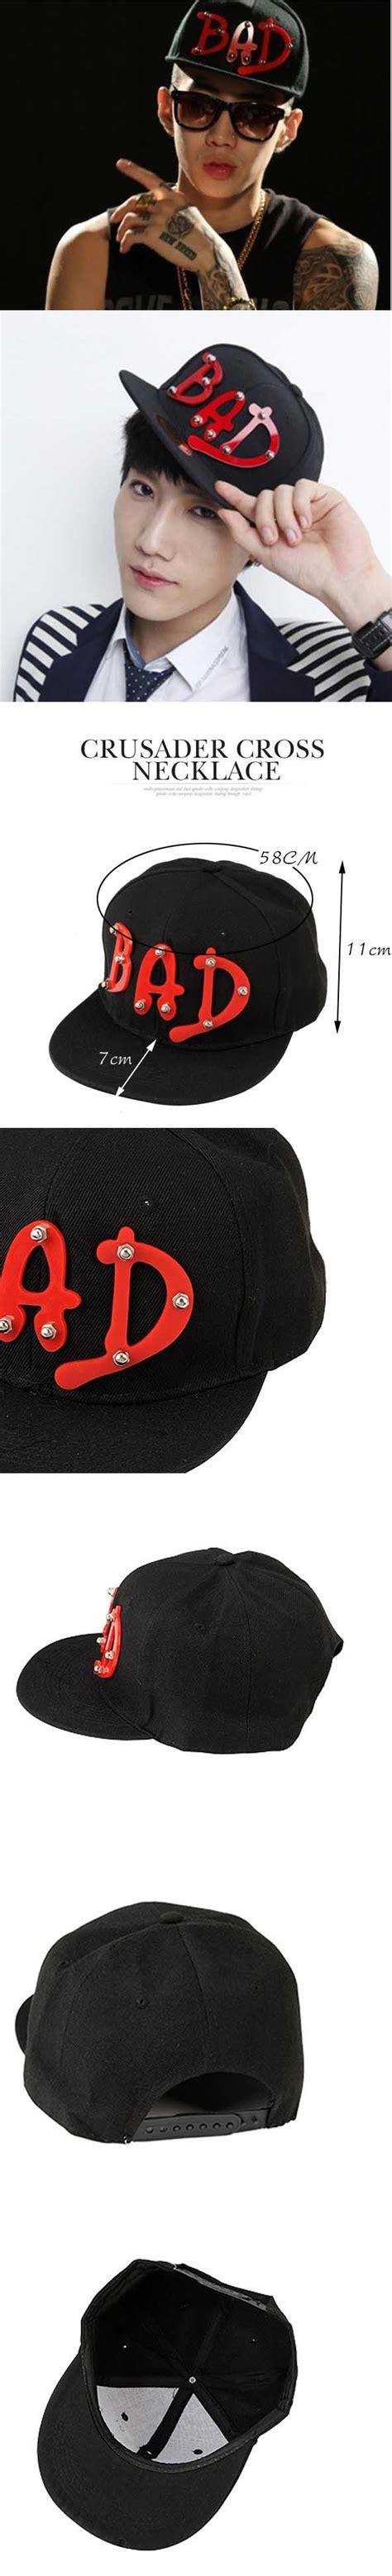 ramut pria hip hop negro jual topi pria baseball hiphop terbaru